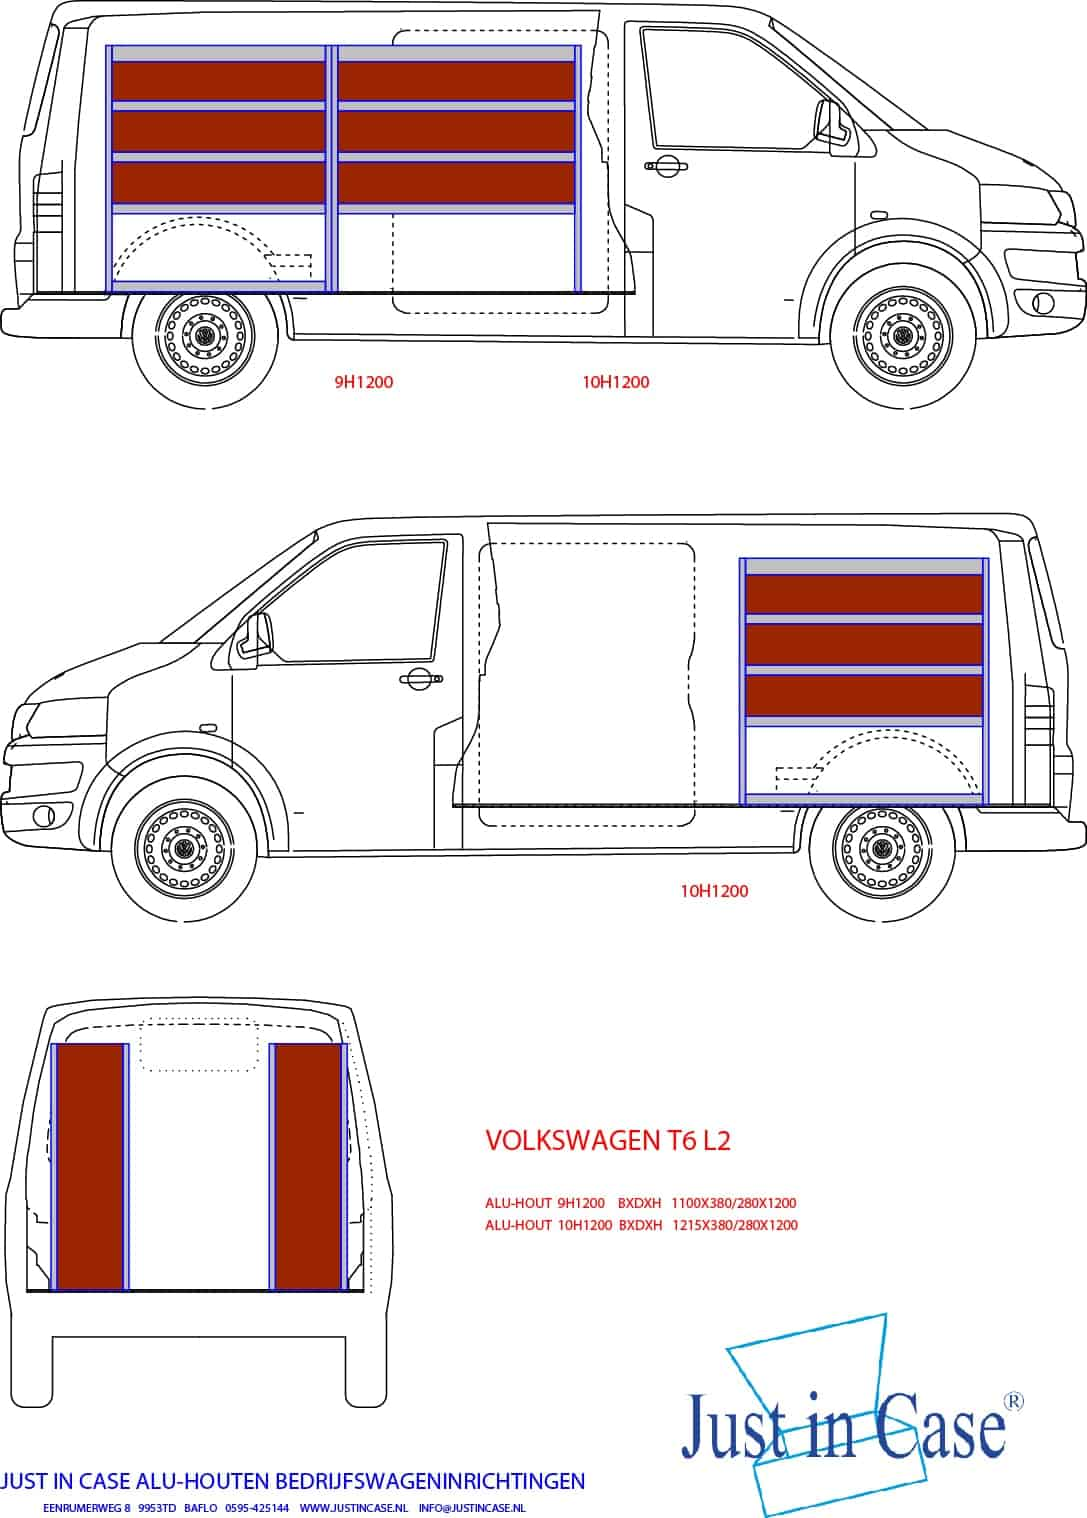 Volkswagen Transporter (Lengte 2) bedrijfswageninrichting schets